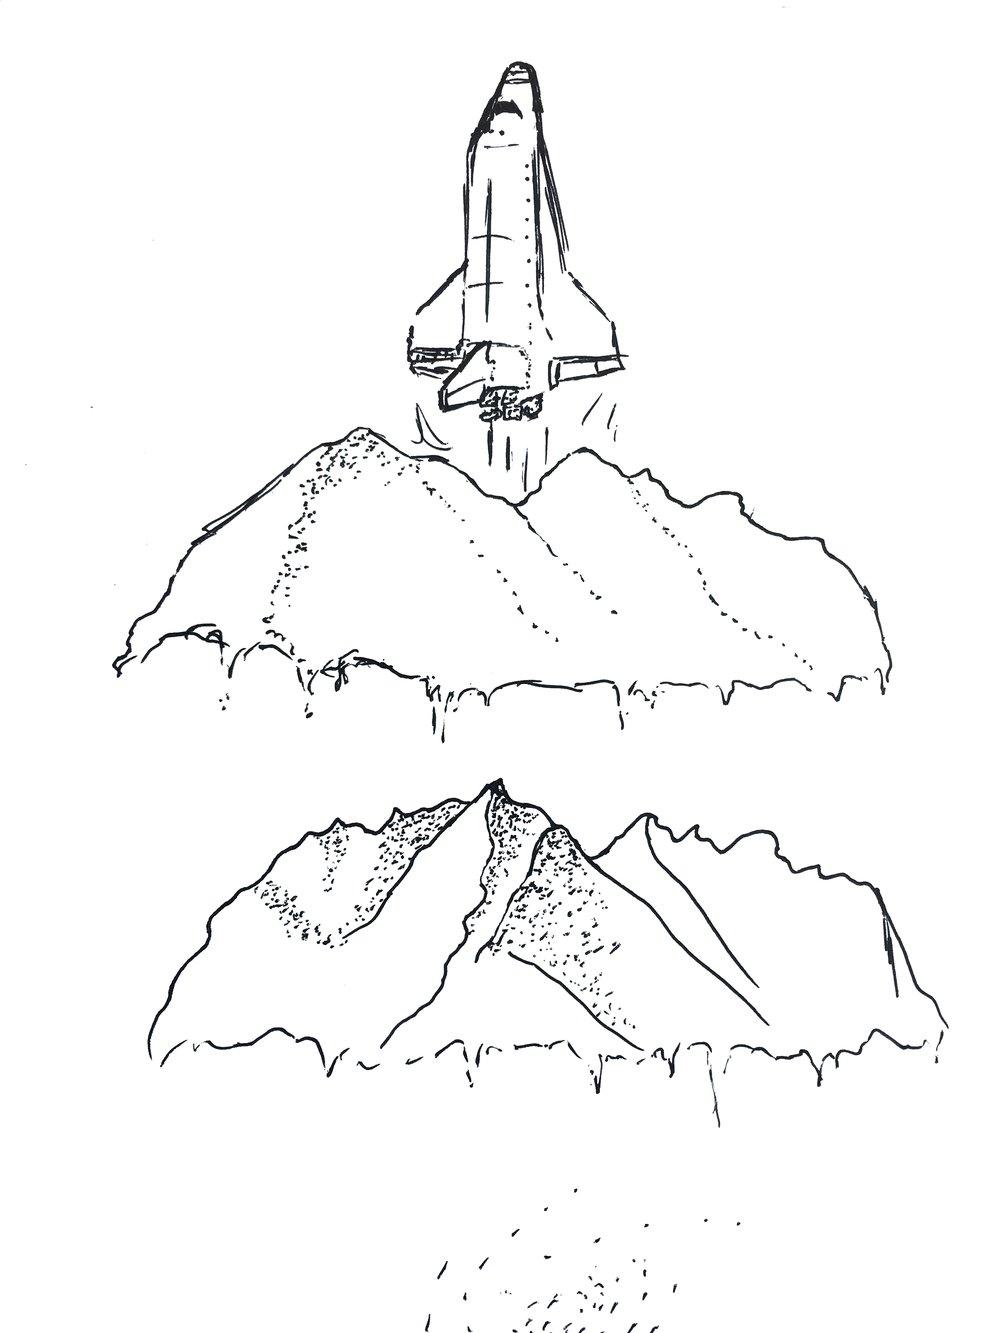 Blastoff rough sketch